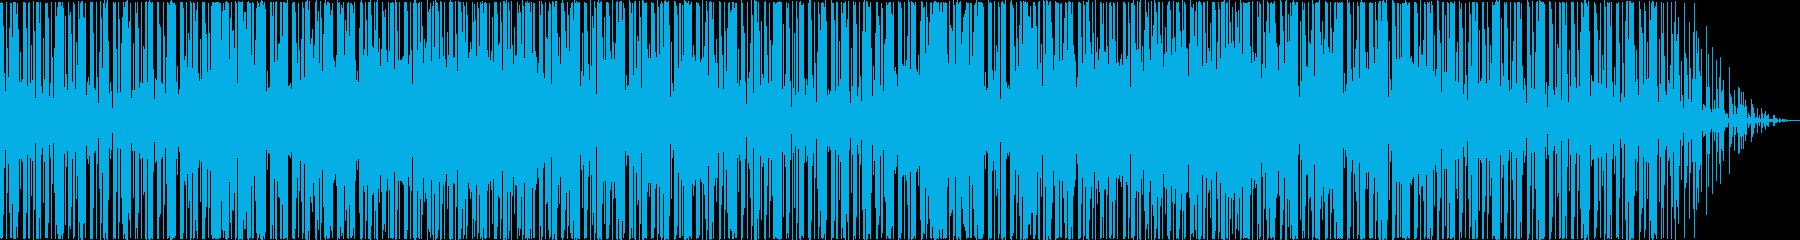 ポップなギターサウンドの再生済みの波形